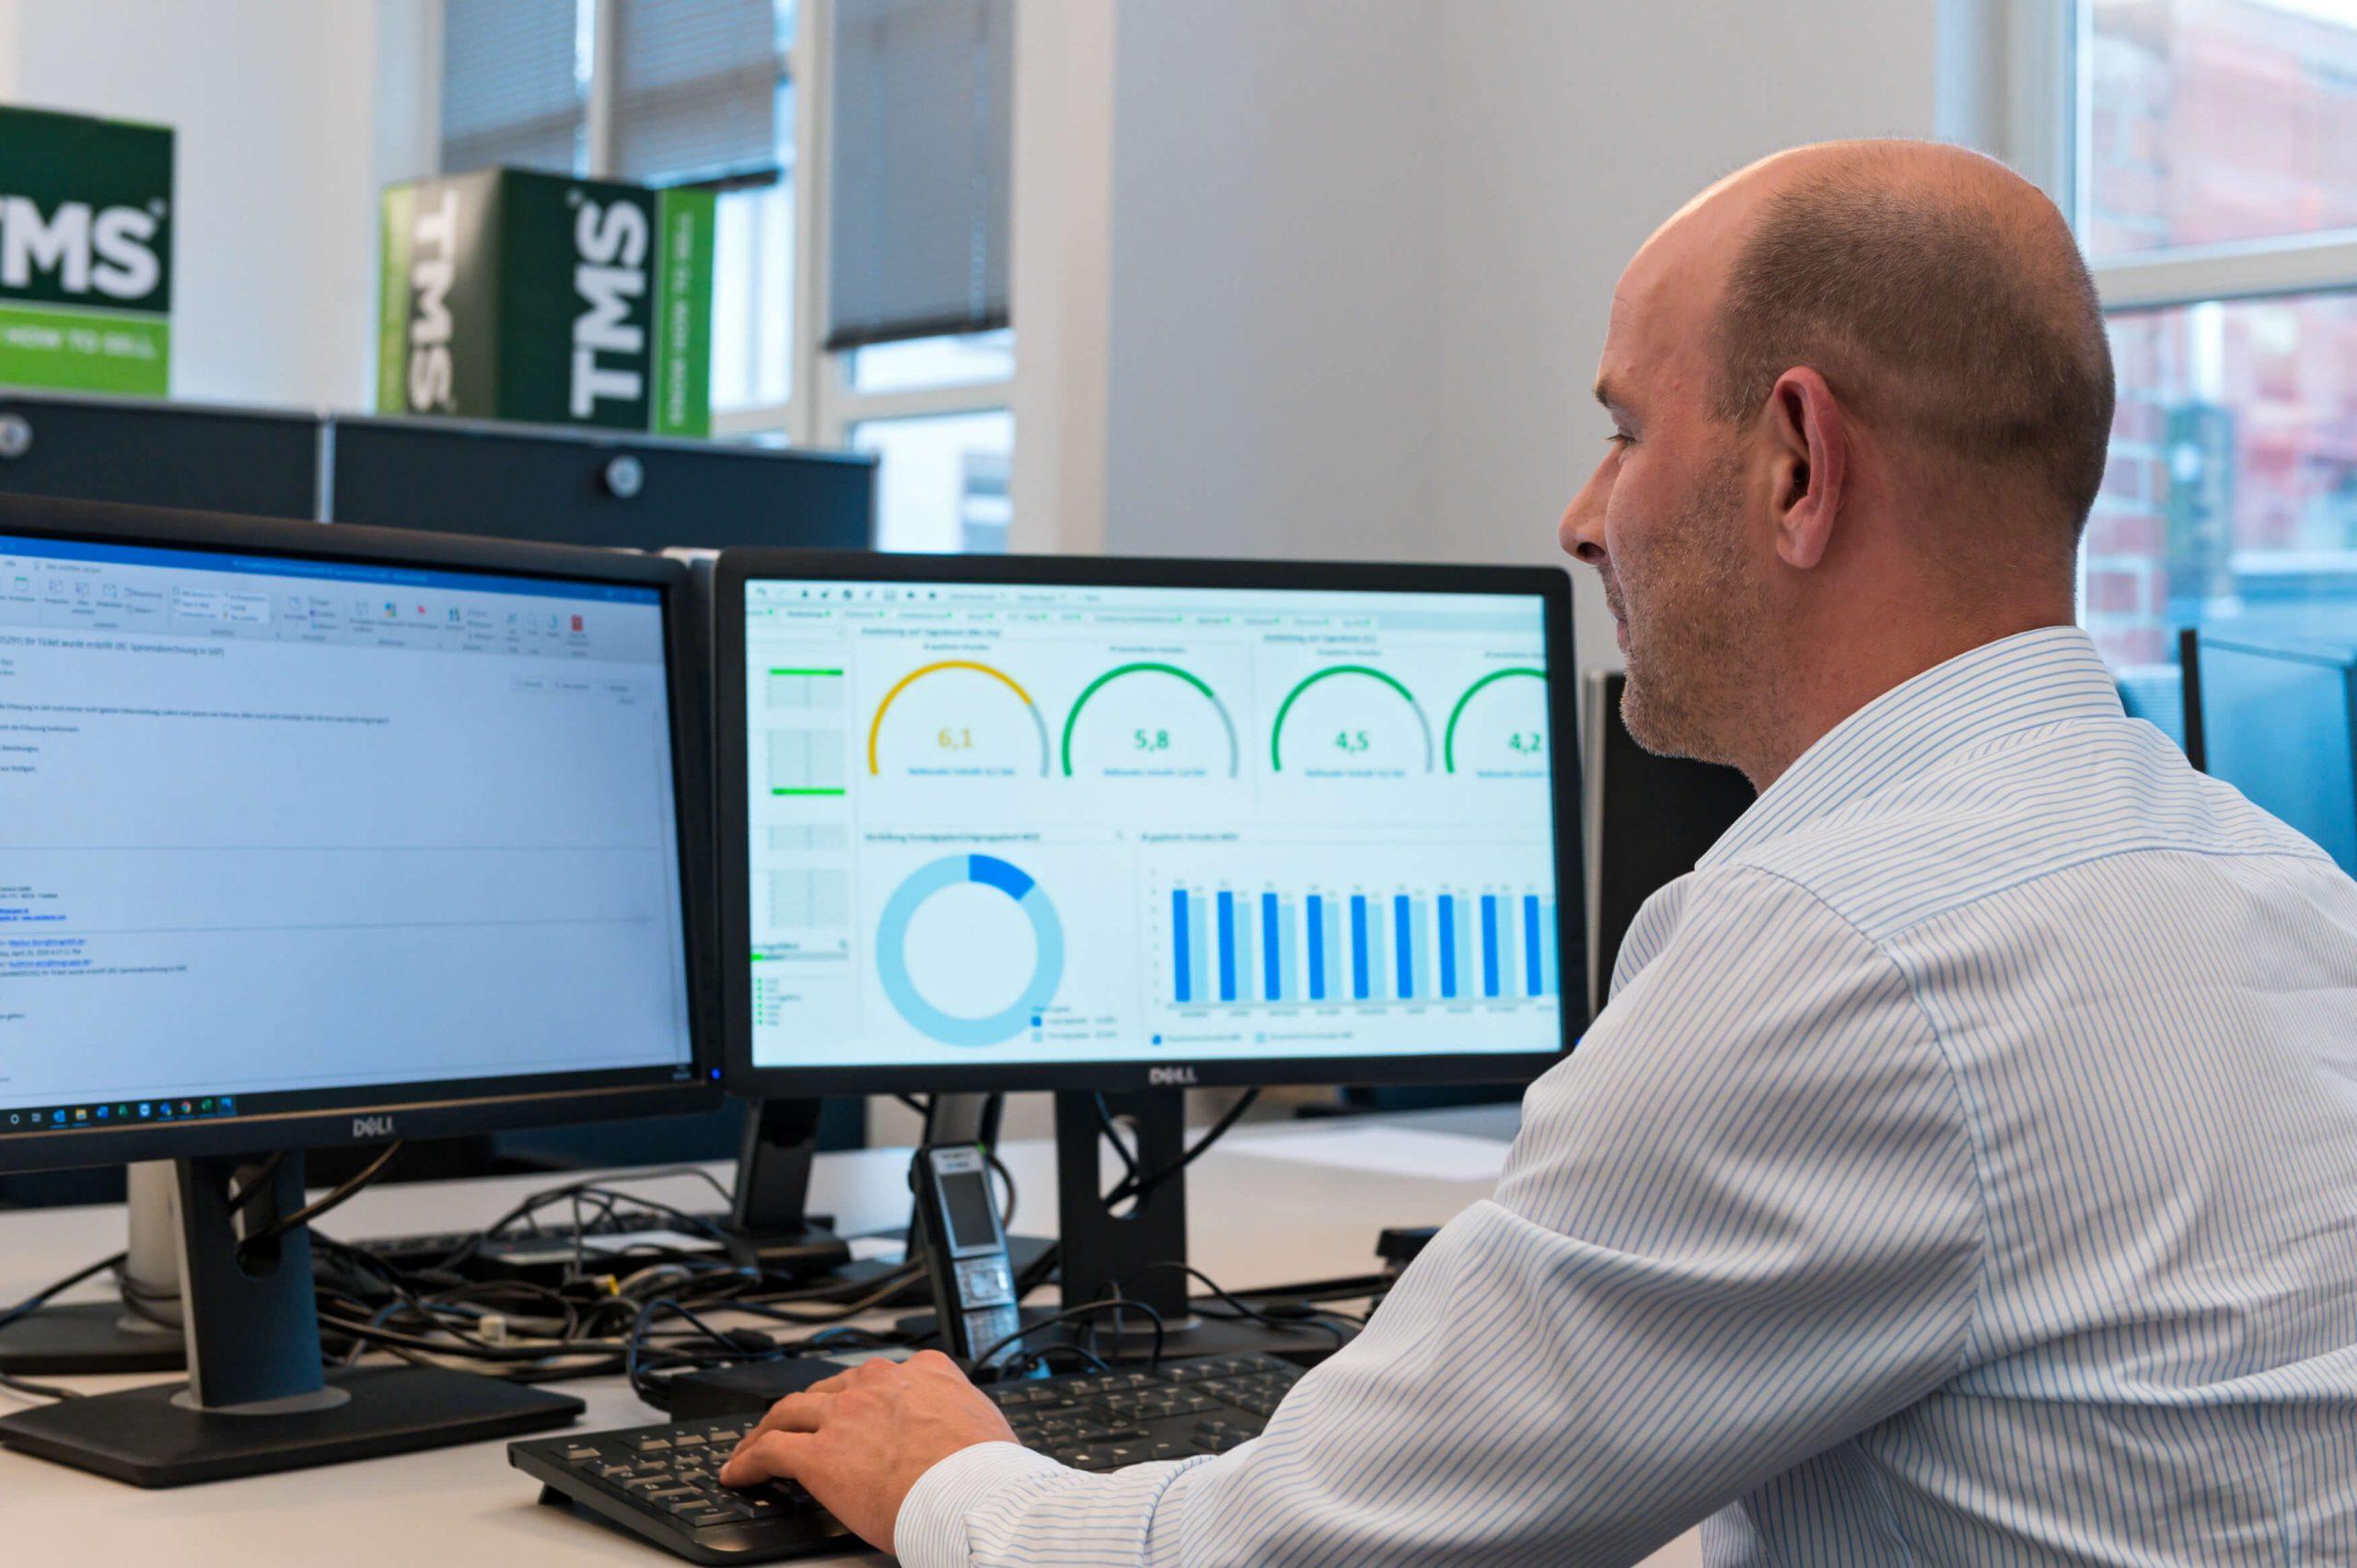 Ein Mann wertet Daten für Business Intelligence aus